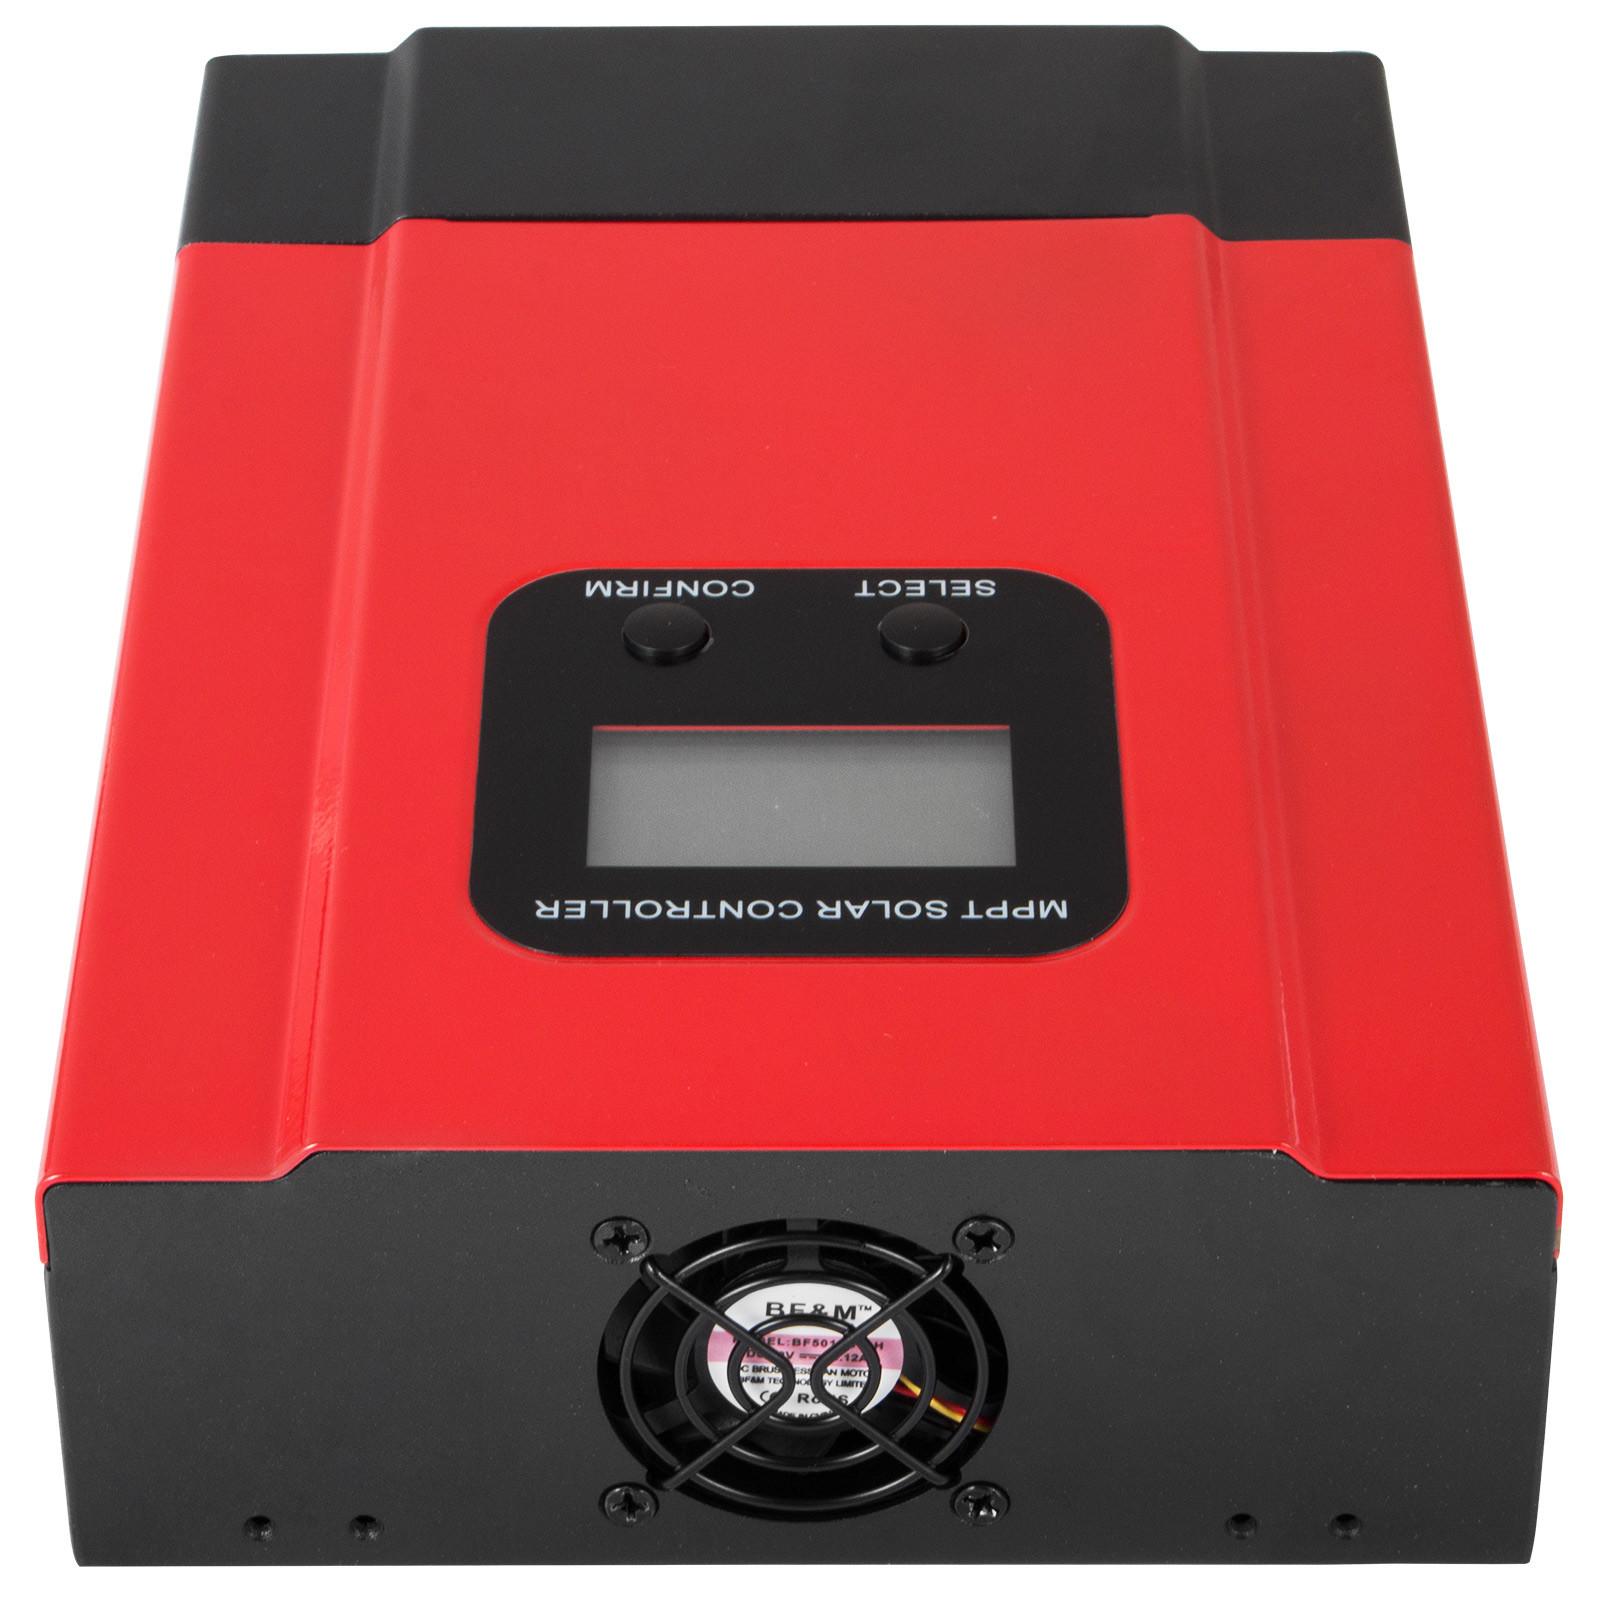 ESMART-3-LCD-40a-50a-60a-12v-24v-36v-48v-MPPT-Solar-Charge-Controller-Regolatore-di-carica miniatura 27